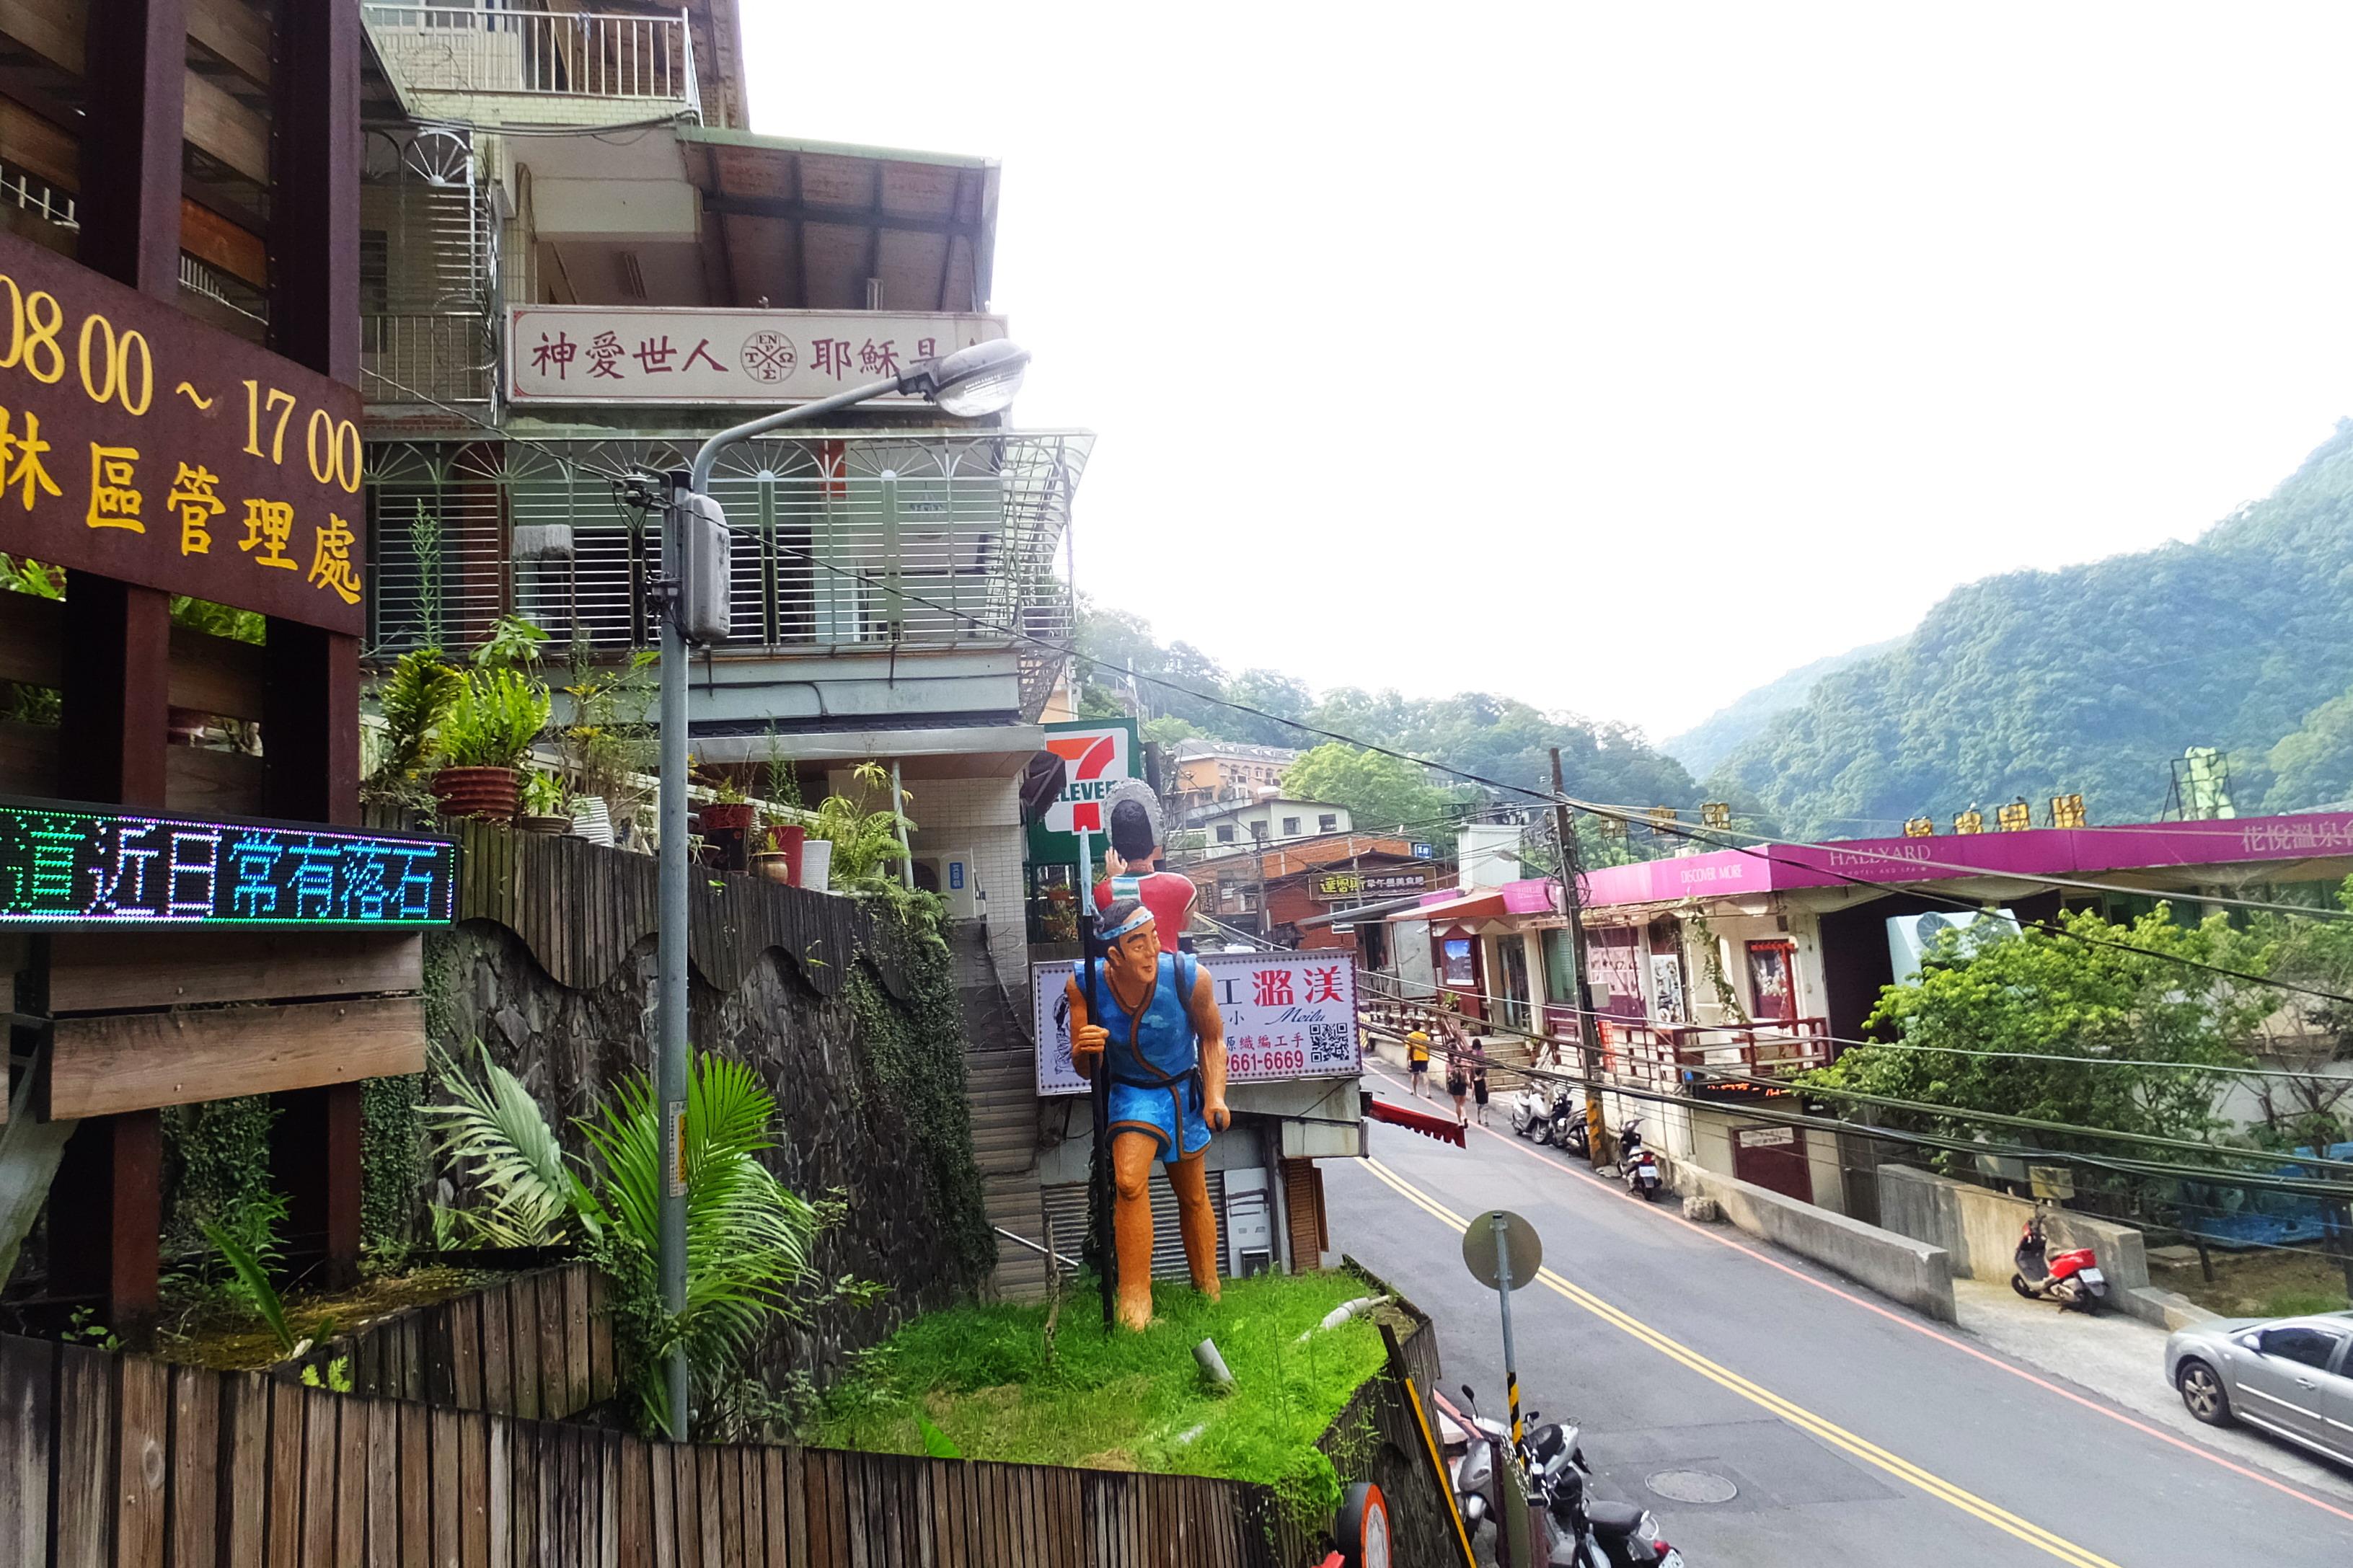 烏來溫泉街 wulai hot spring street - panoramio.jpg